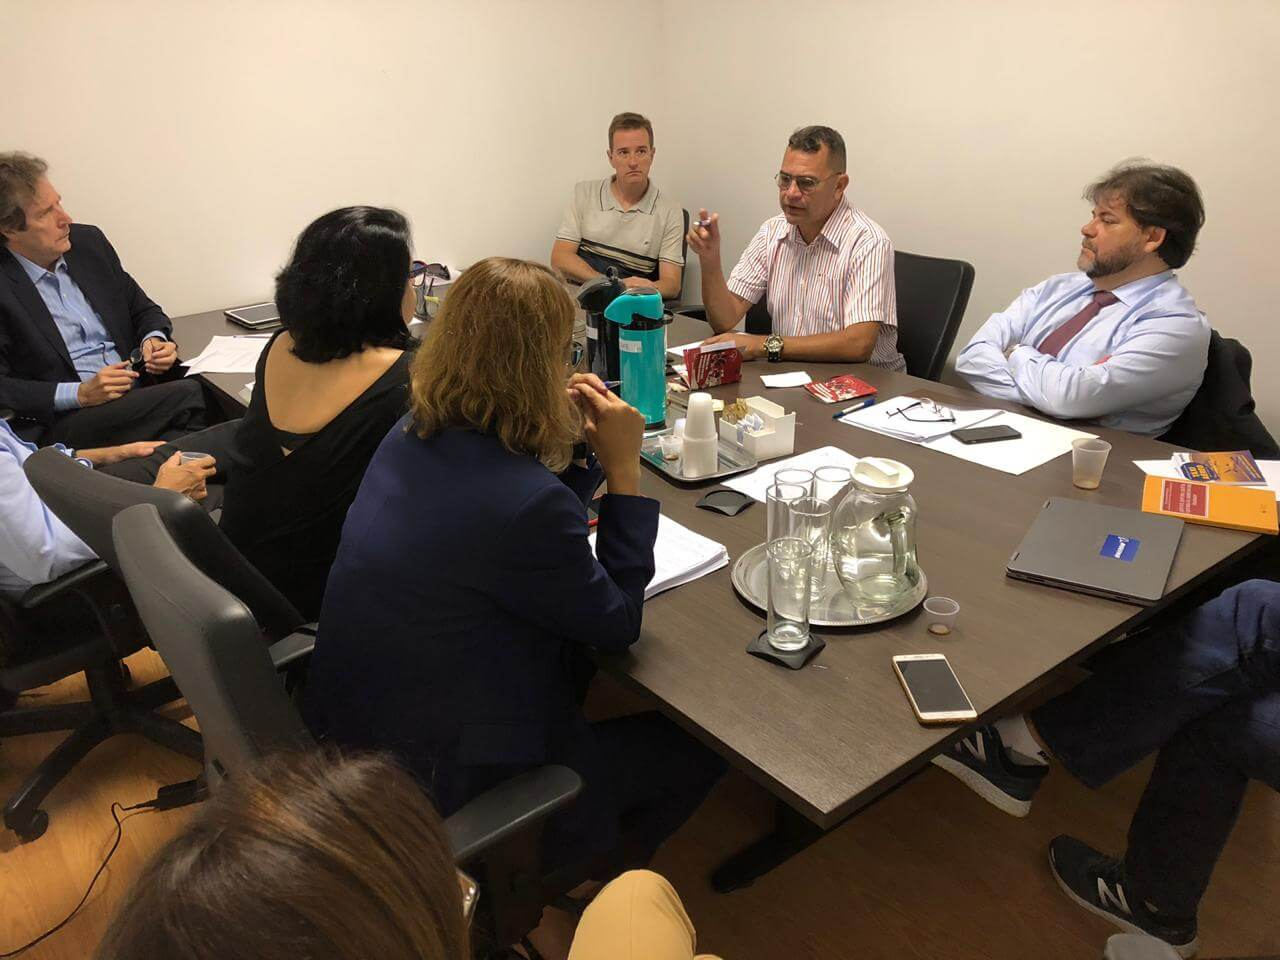 Empresas de Táxi Aéreo apresentam nova proposta de atualização da CCT, durante última rodada de negociação da Campanha Salarial 2018, realizada em 11 de dezembro. Apesar de pequenos avanços, dirigentes consideram que oferta de acordo continua ruim.